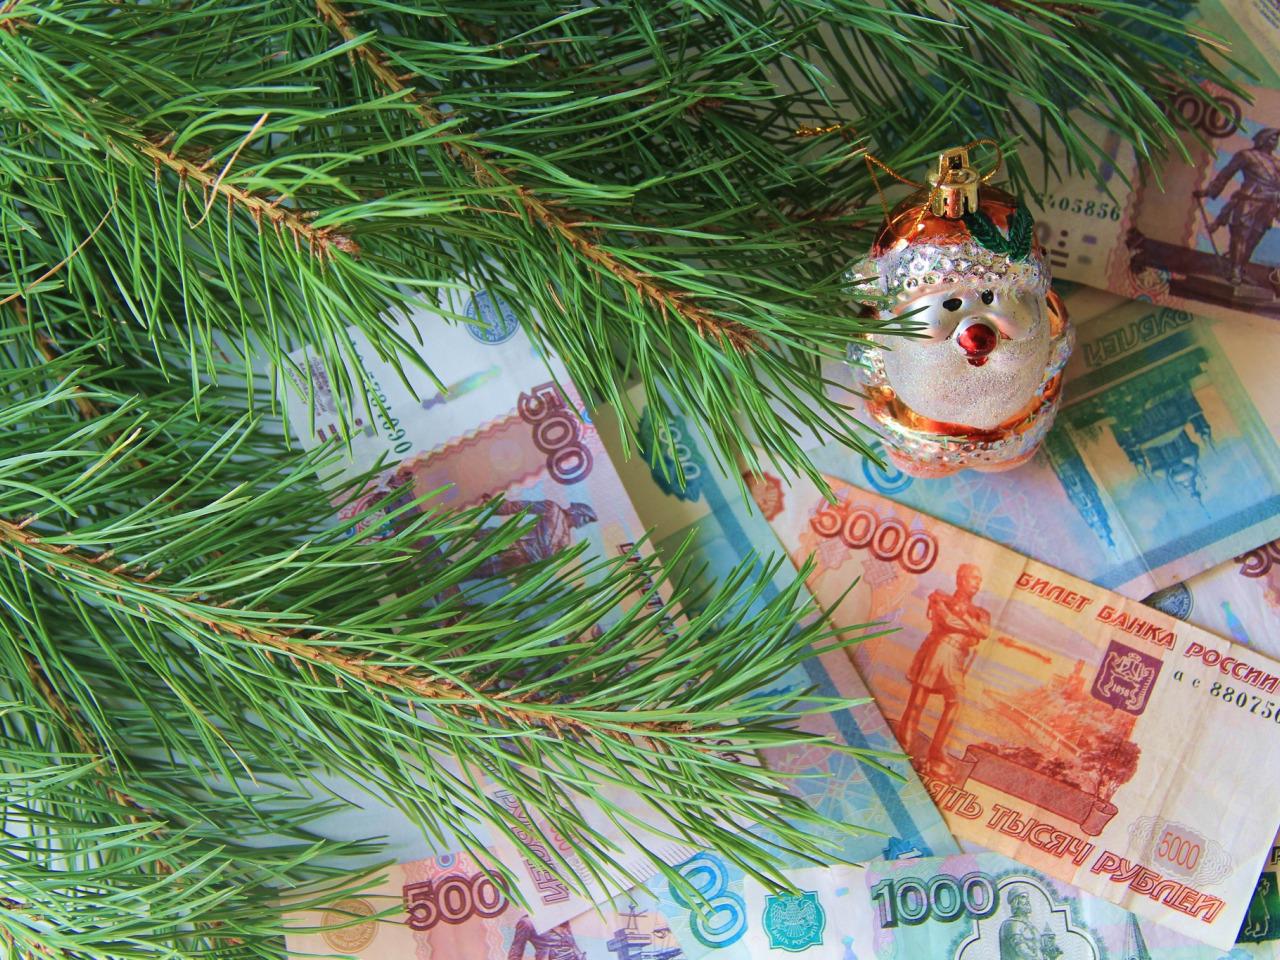 Сбер и ВТБ оценили траты россиян в новогодние праздники